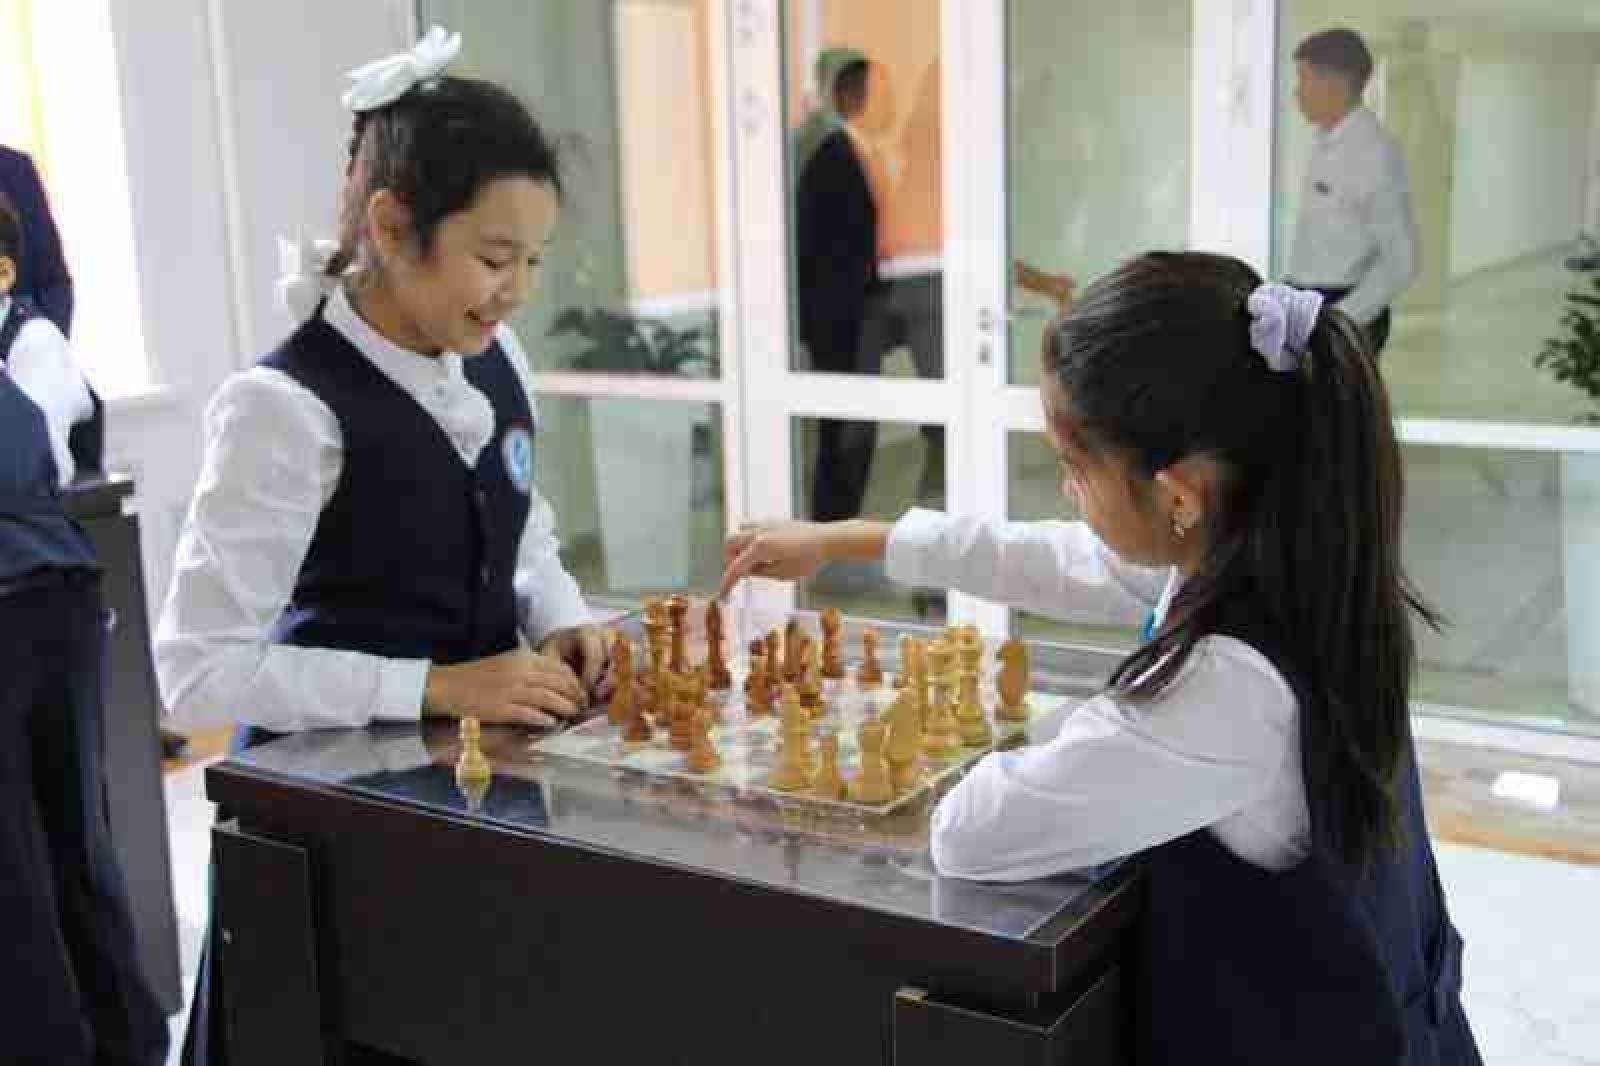 Пособие для школьников в Нур-Султане: сколько денег выделят детям